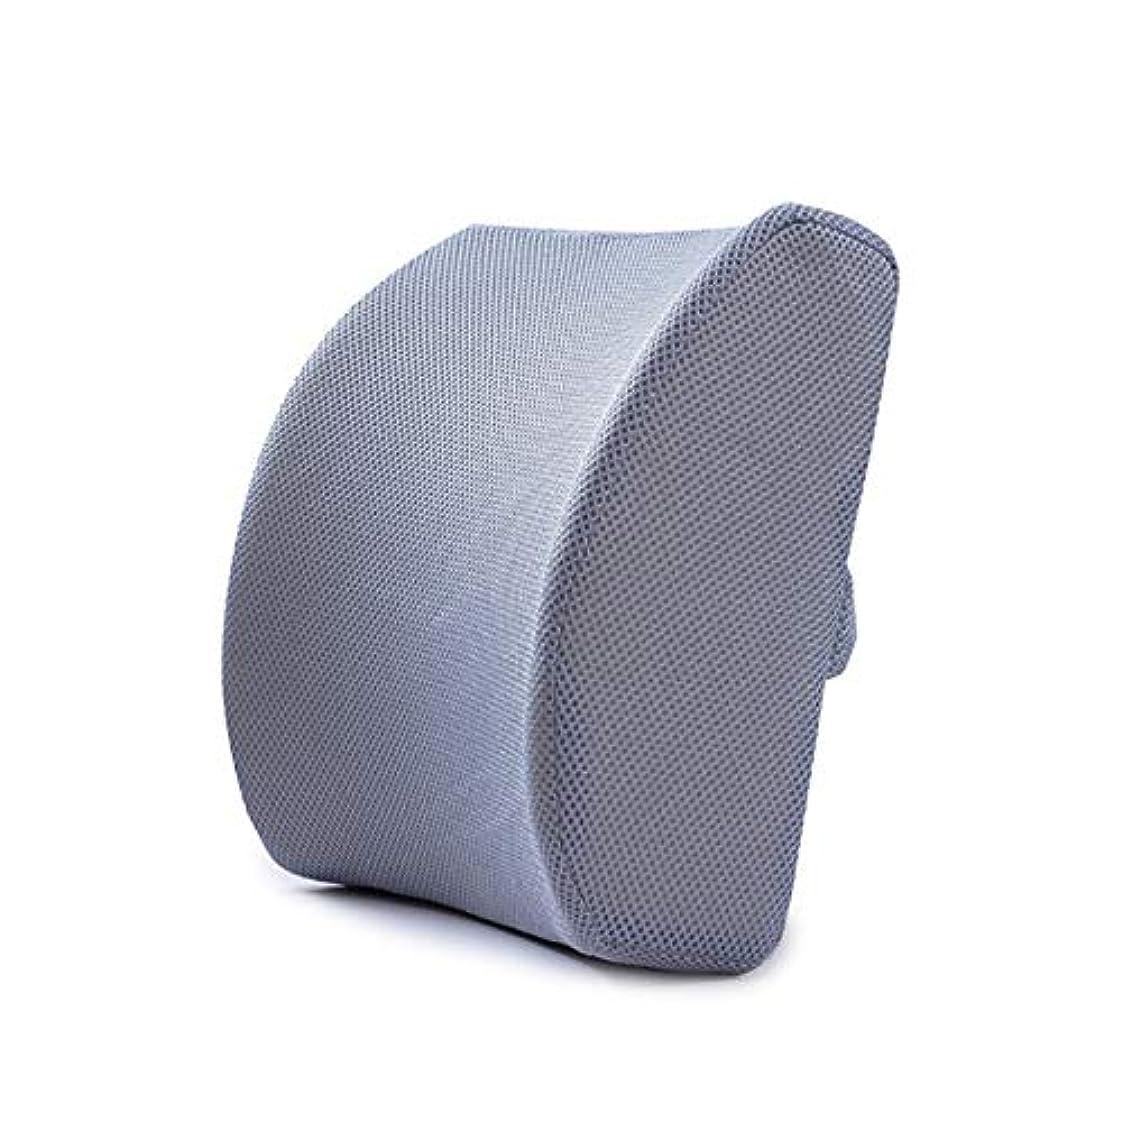 誰もマナー採用するLIFE ホームオフィス背もたれ椅子腰椎クッションカーシートネック枕 3D 低反発サポートバックマッサージウエストレスリビング枕 クッション 椅子